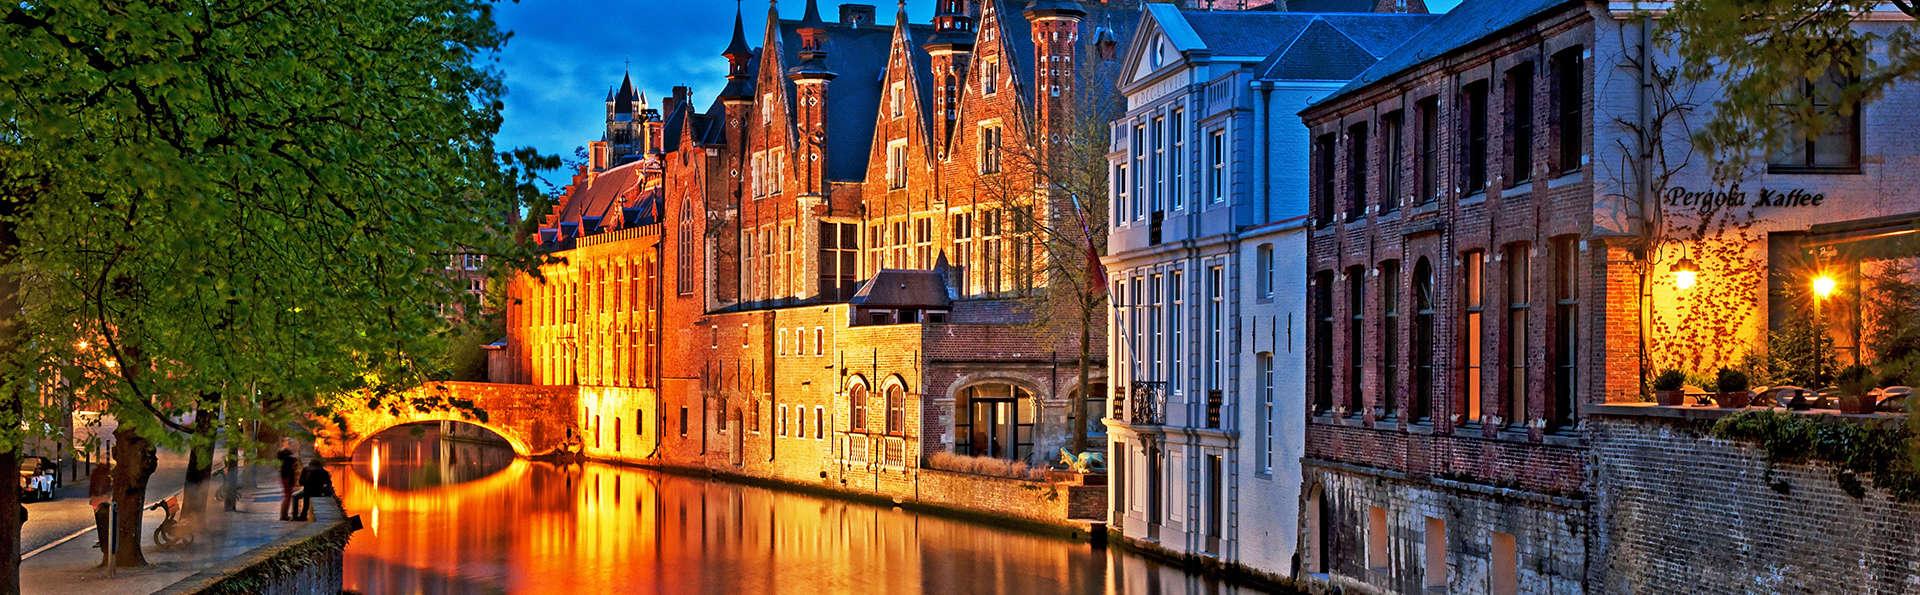 Week-end romantique à Bruges (à partir de 2 nuits)